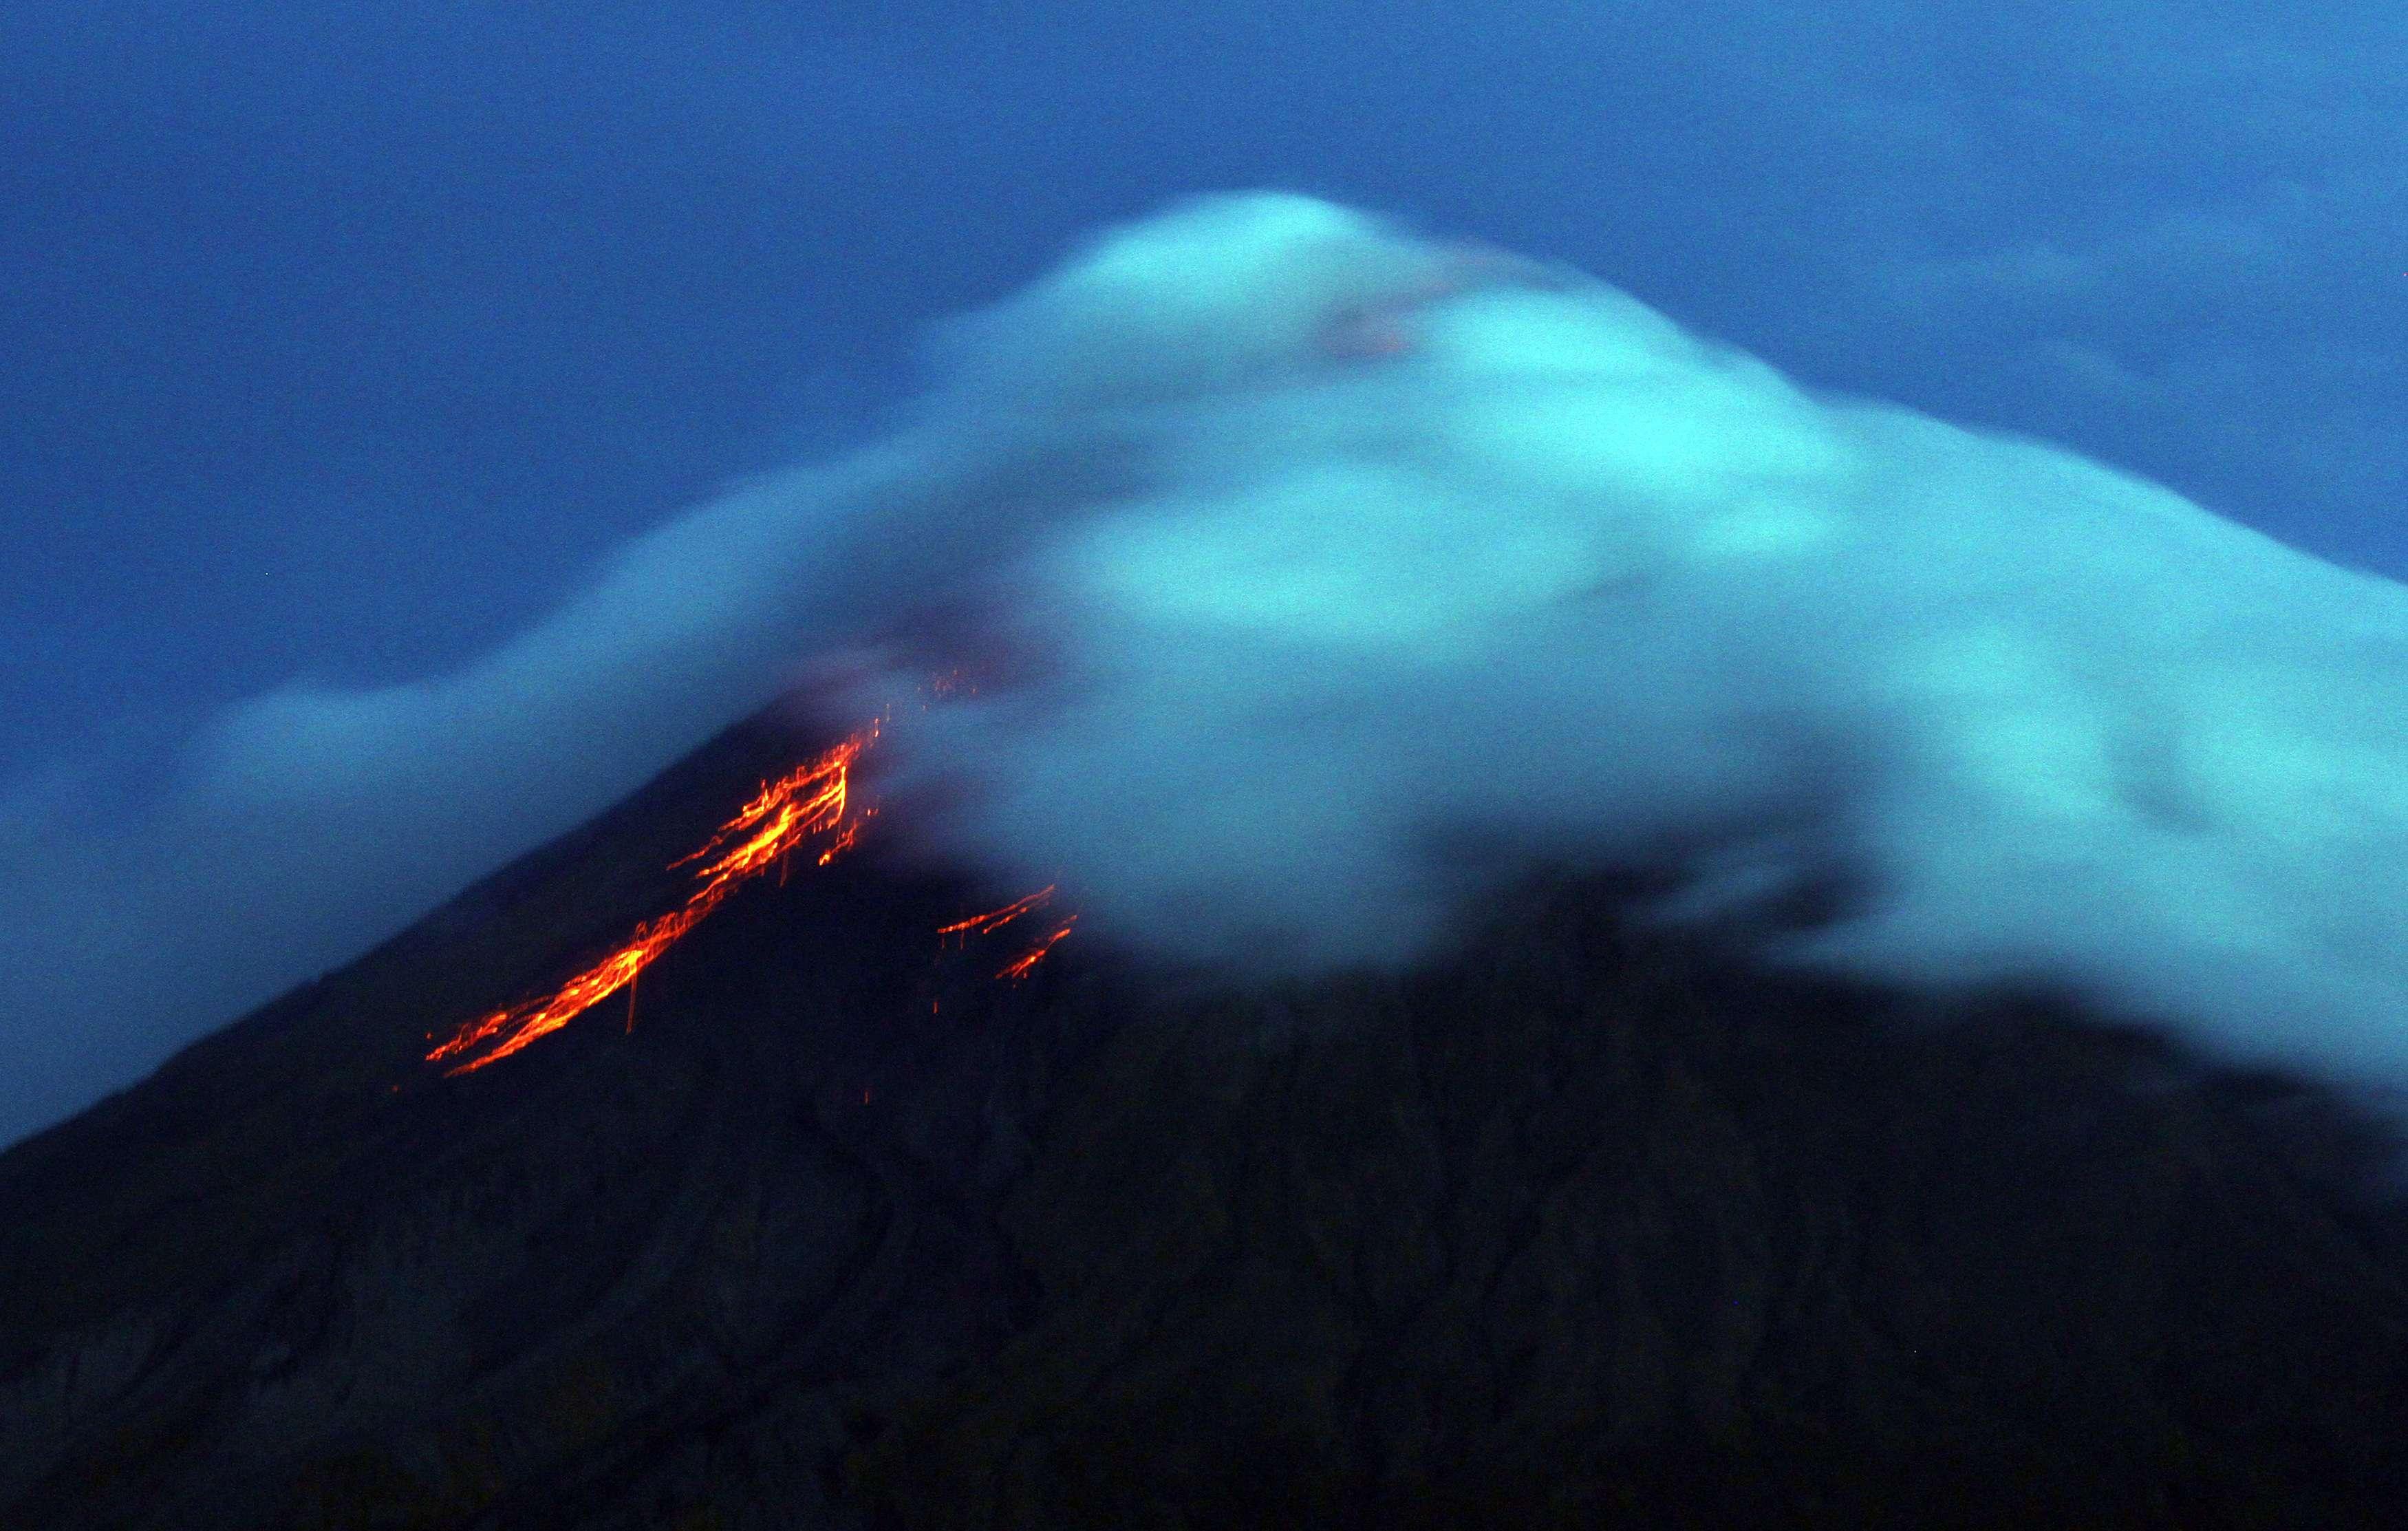 Más de 30.000 personas abandonaron sus hogares ante la erupción del volcán Mayon, en el este de Filipinas, que desde el lunes ha registrado un importante aumento en su actividad, informaron hoy las autoridades del país. Foto: AFP en español